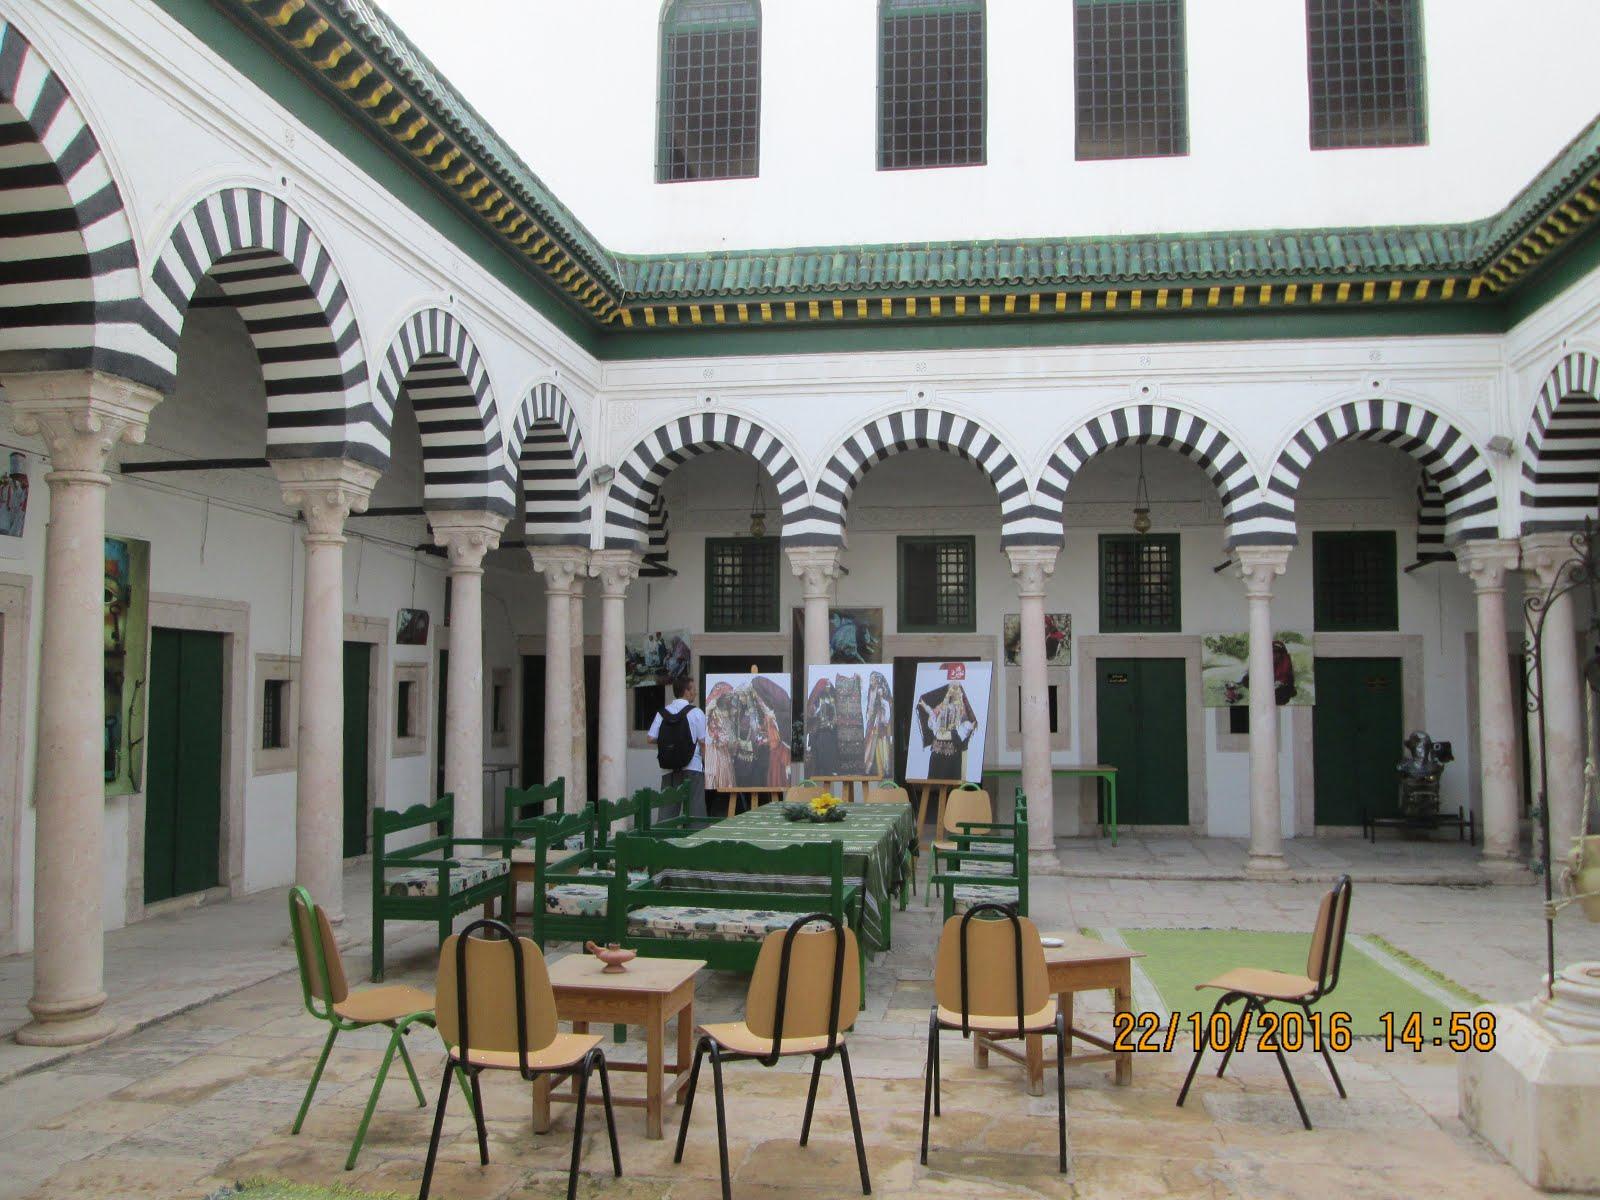 دارُ السّليمانيّة، تونس العتيقة.